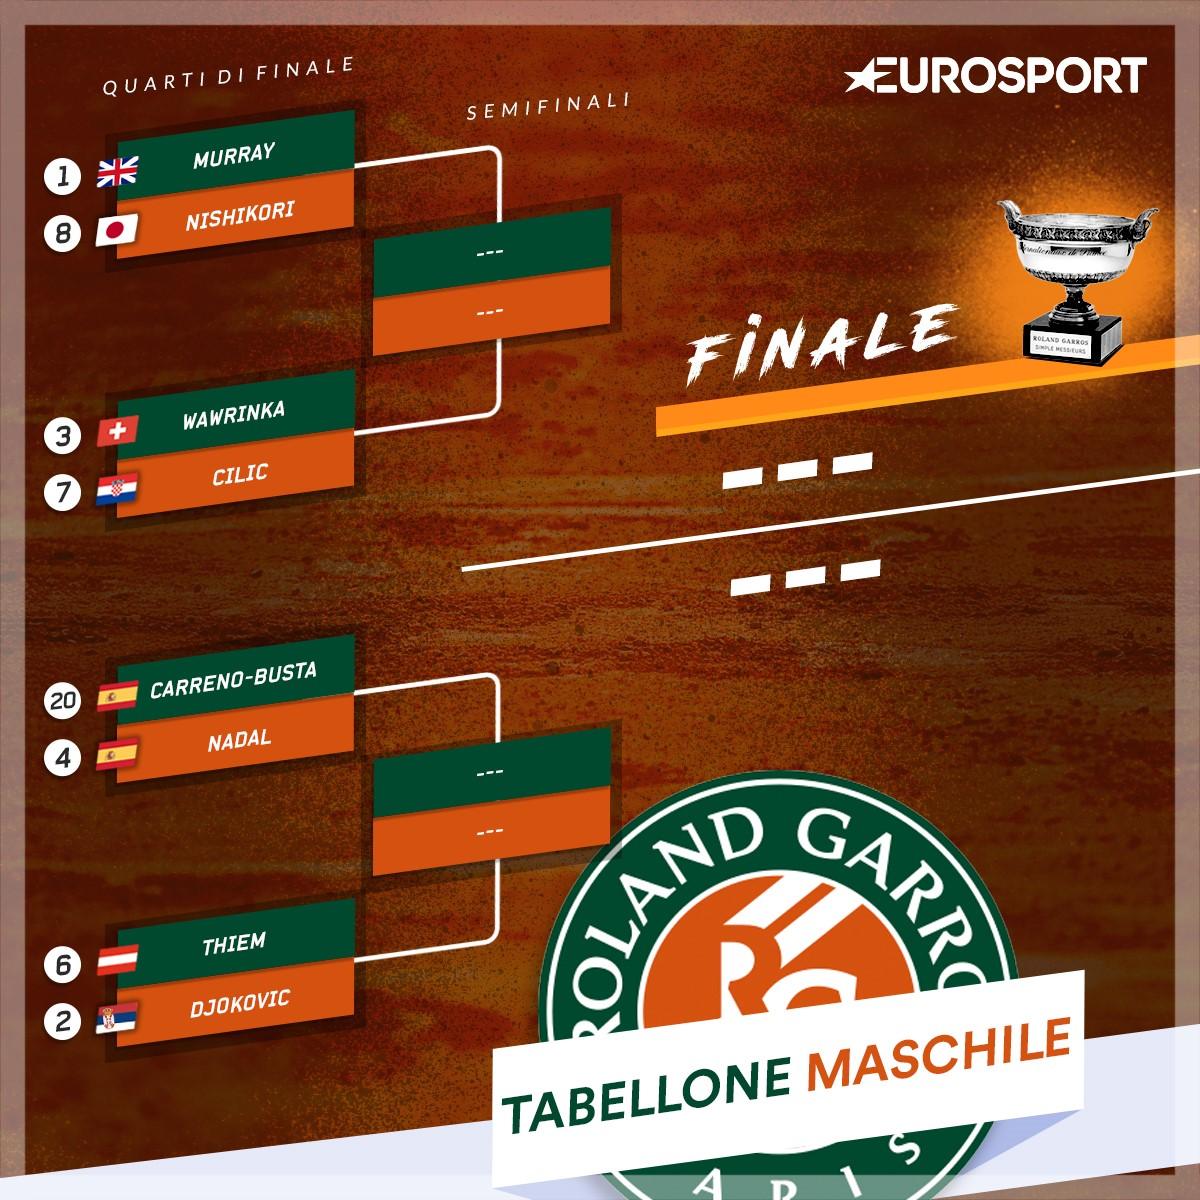 Tabellone maschile quarti di finale Roland Garros 2017